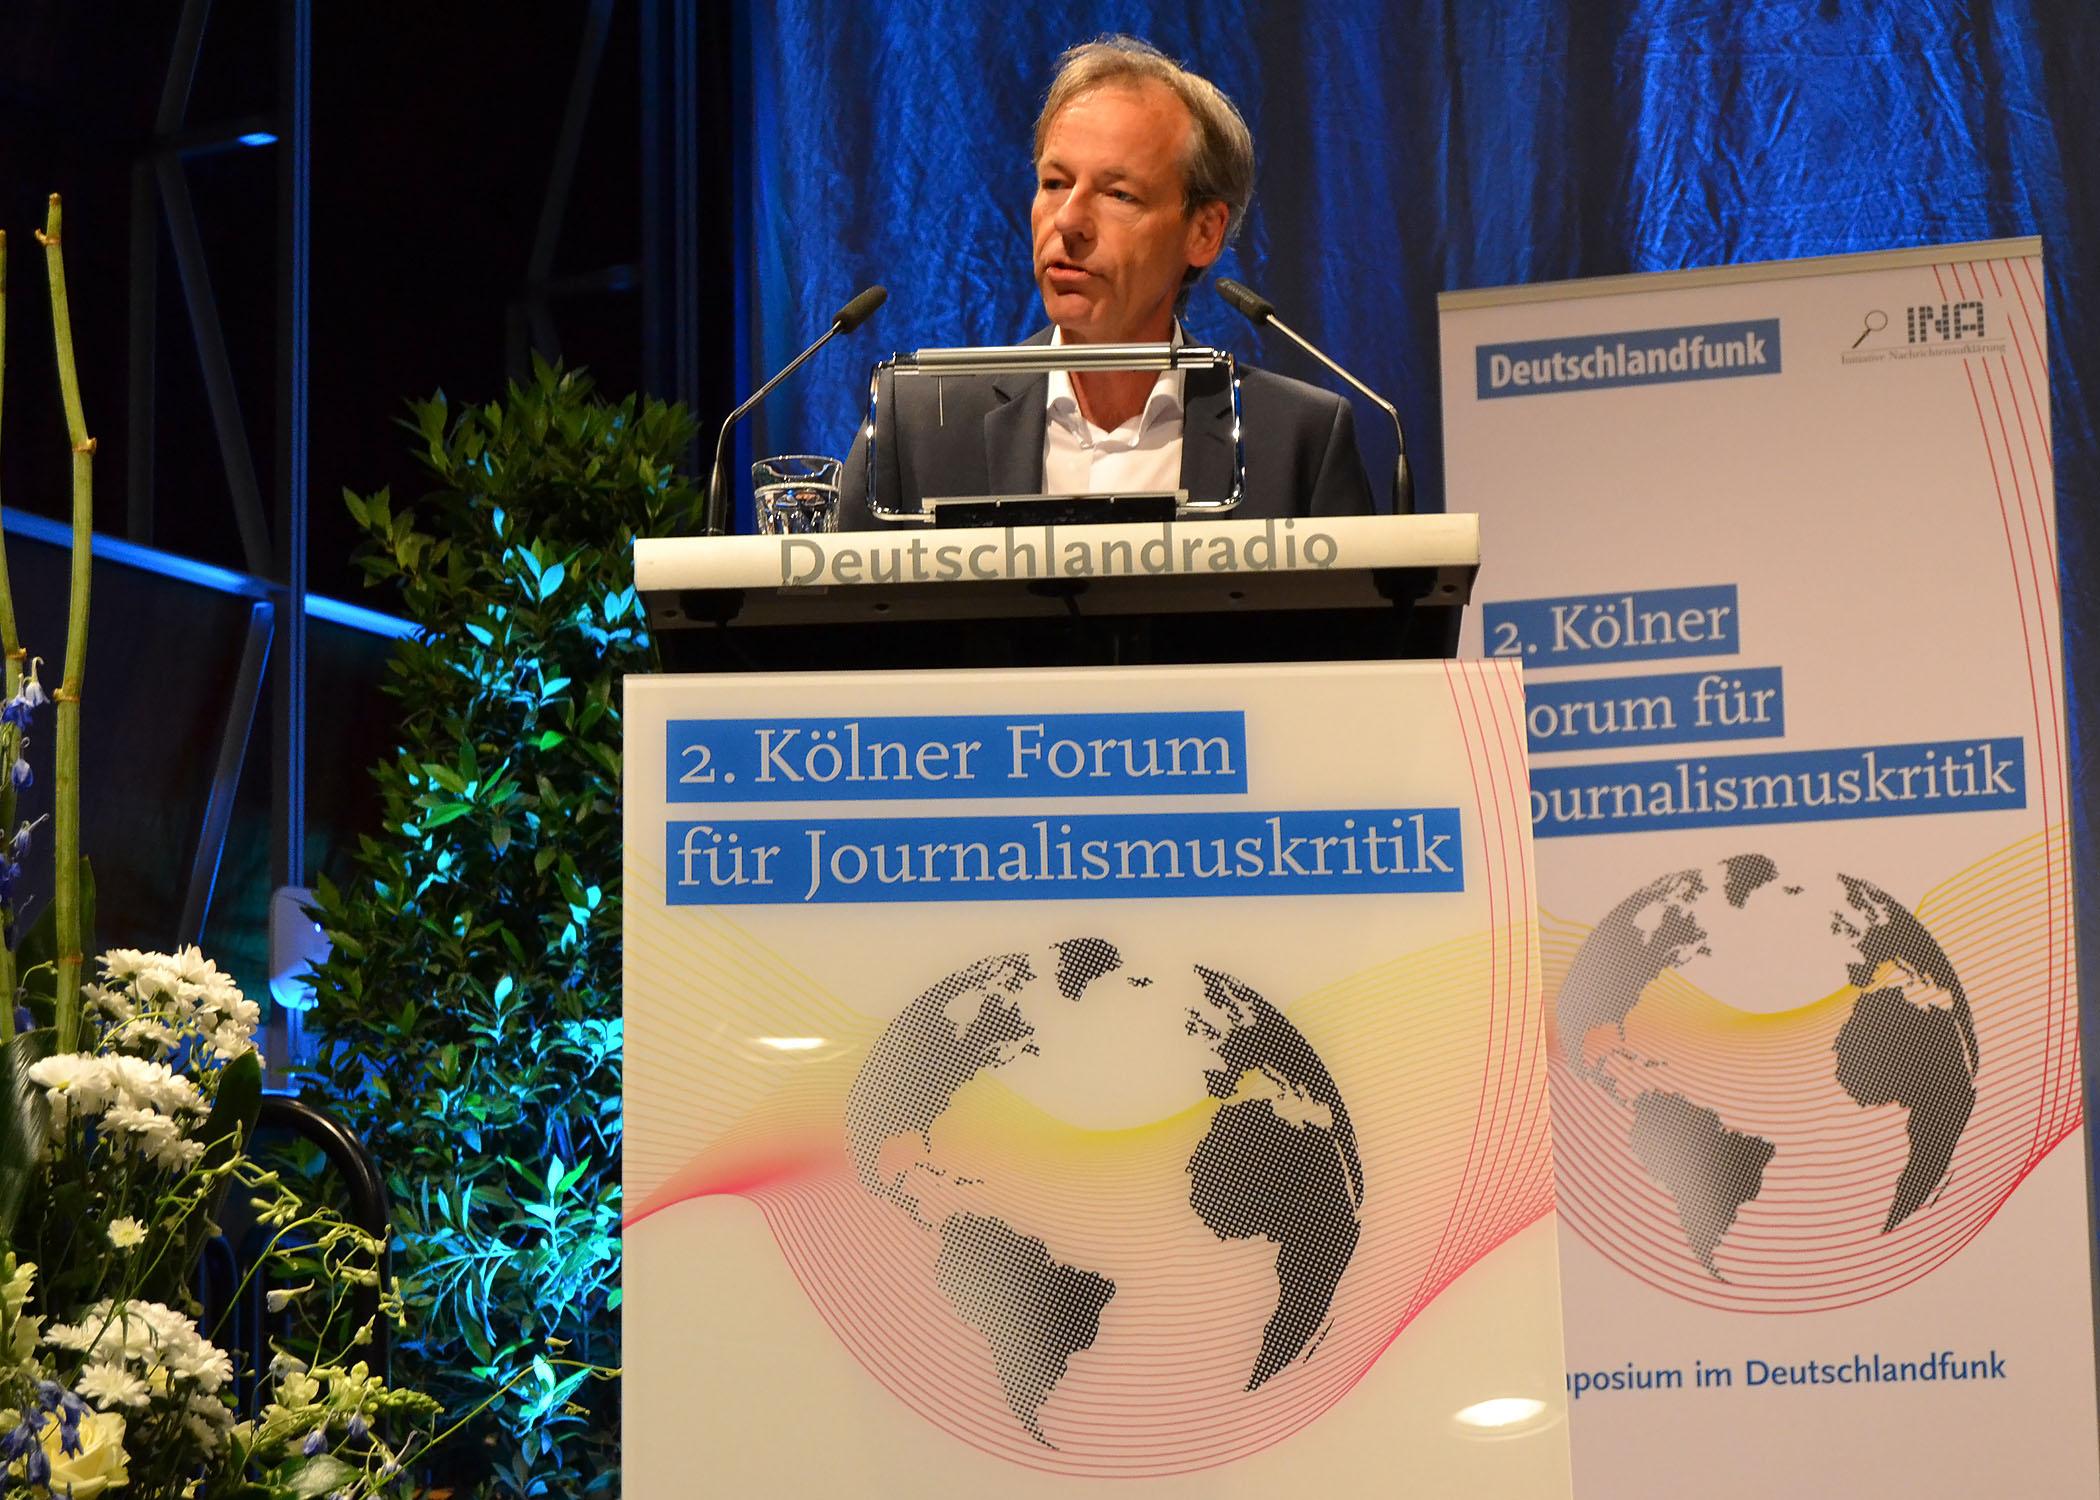 Dr. Marco Bertolaso, Leiter Zentrale Nachrichten beim Deutschlandfunk, führte durch die Veranstaltung.